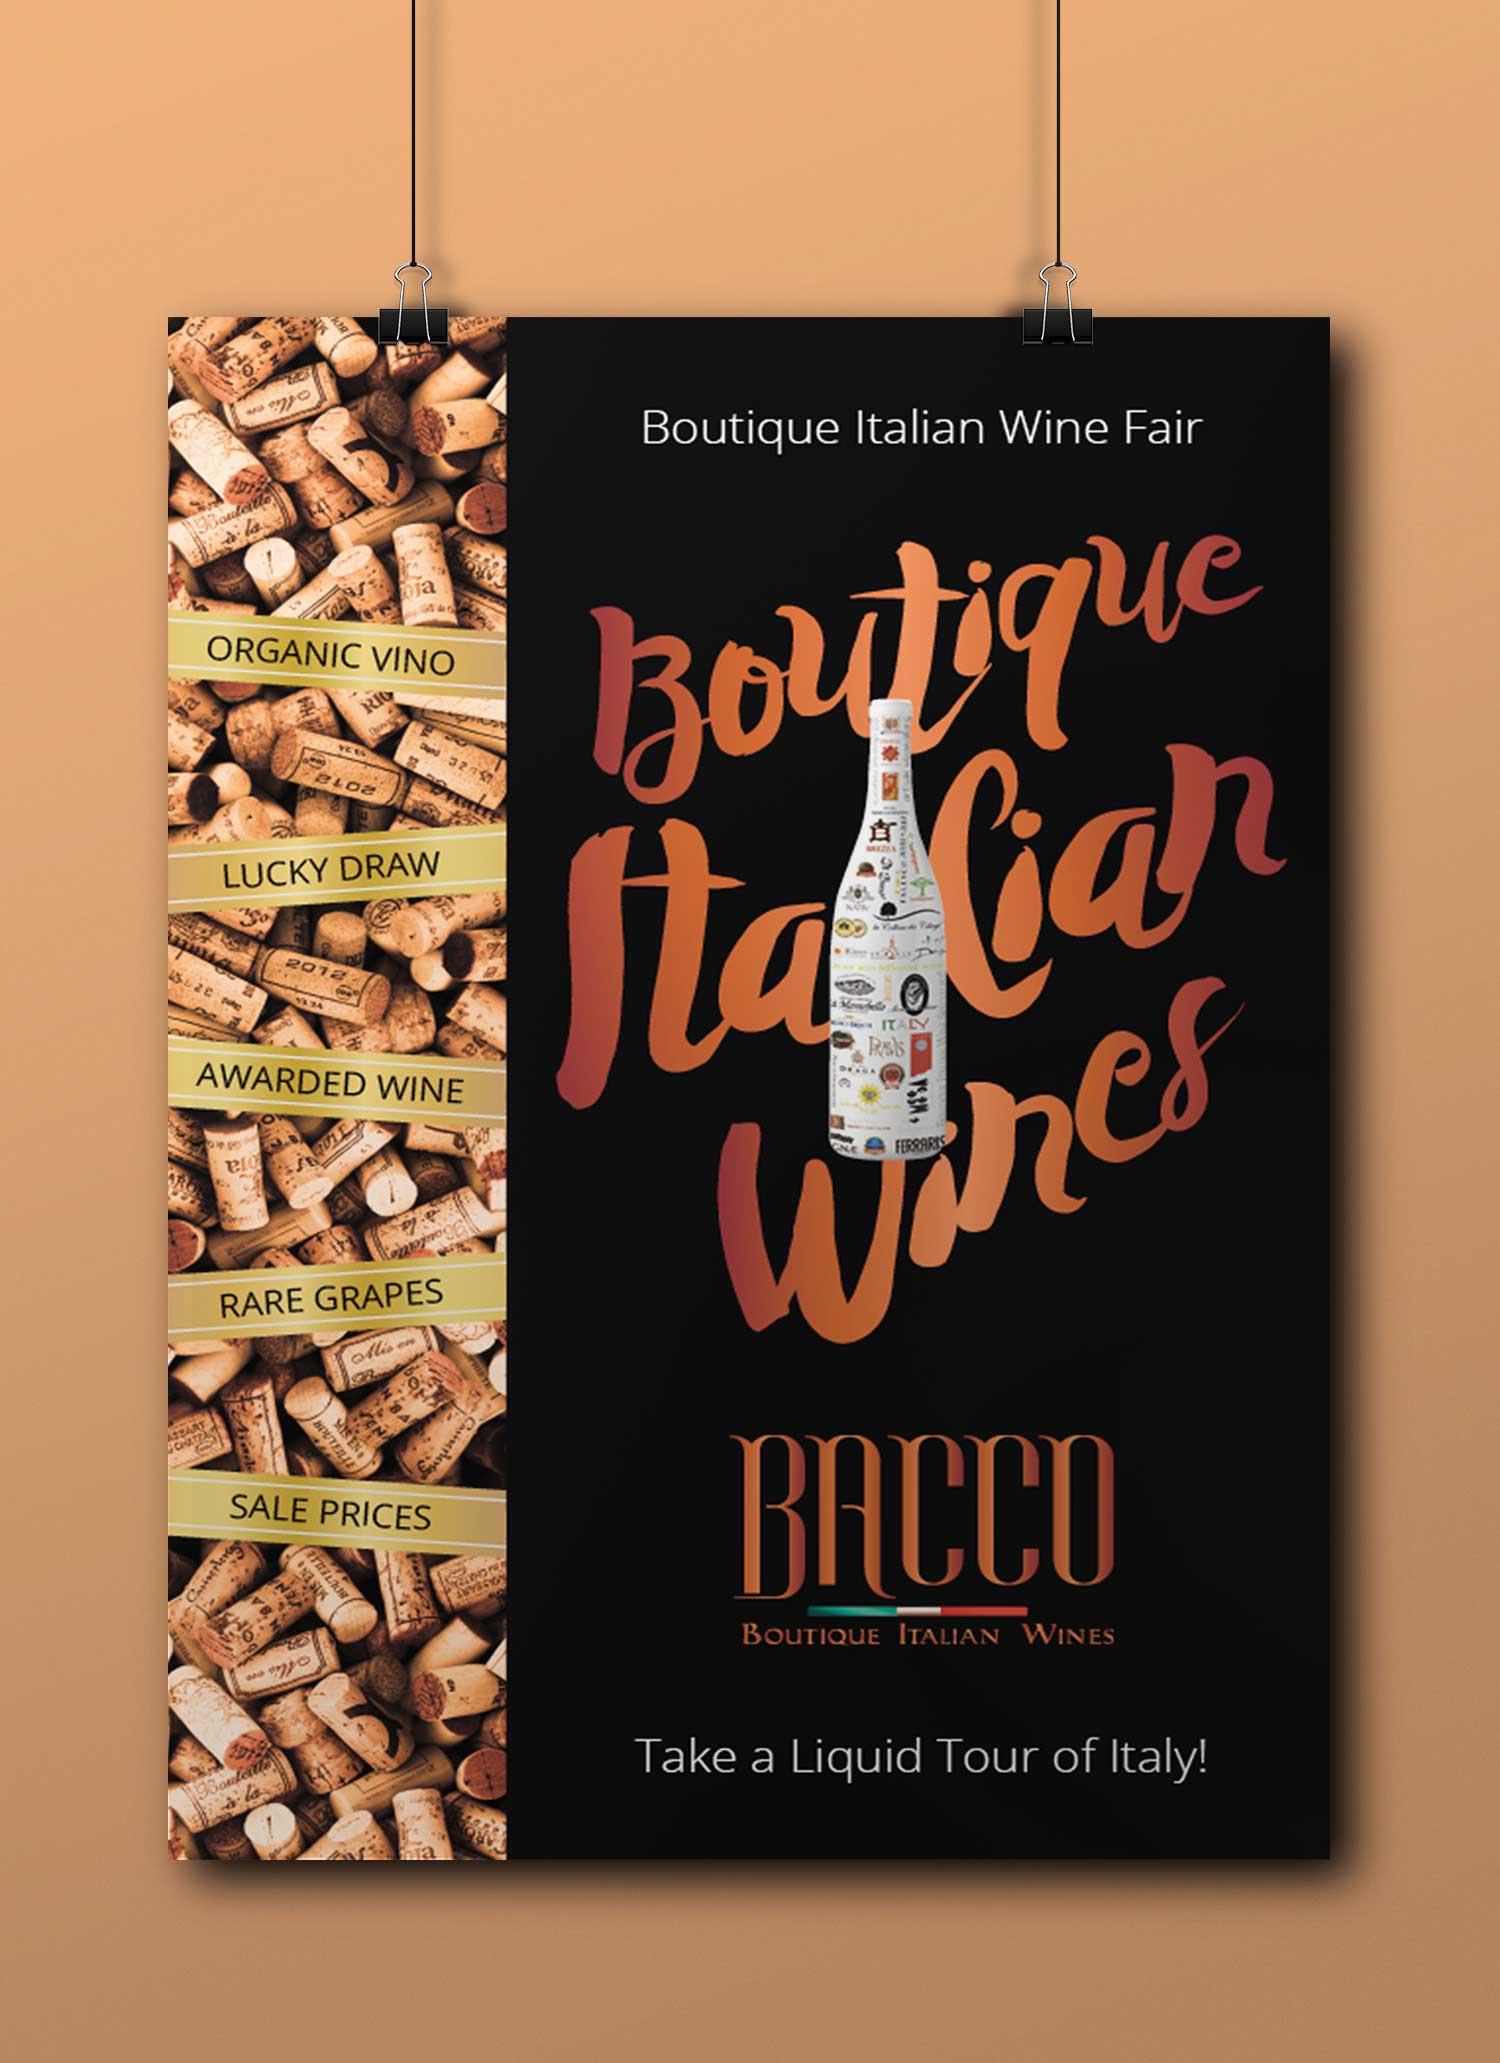 Dégustations devins italiens - Chaque trimestre, Bacco reçoit plus de 250 invités qui goûtent une vingtaine des 300 et quelque vins disponibles en ligne. Ceux sont des vins rouges, blancs, rosé, pétillants et doux venant de vignobles bio de toute l'Italie..